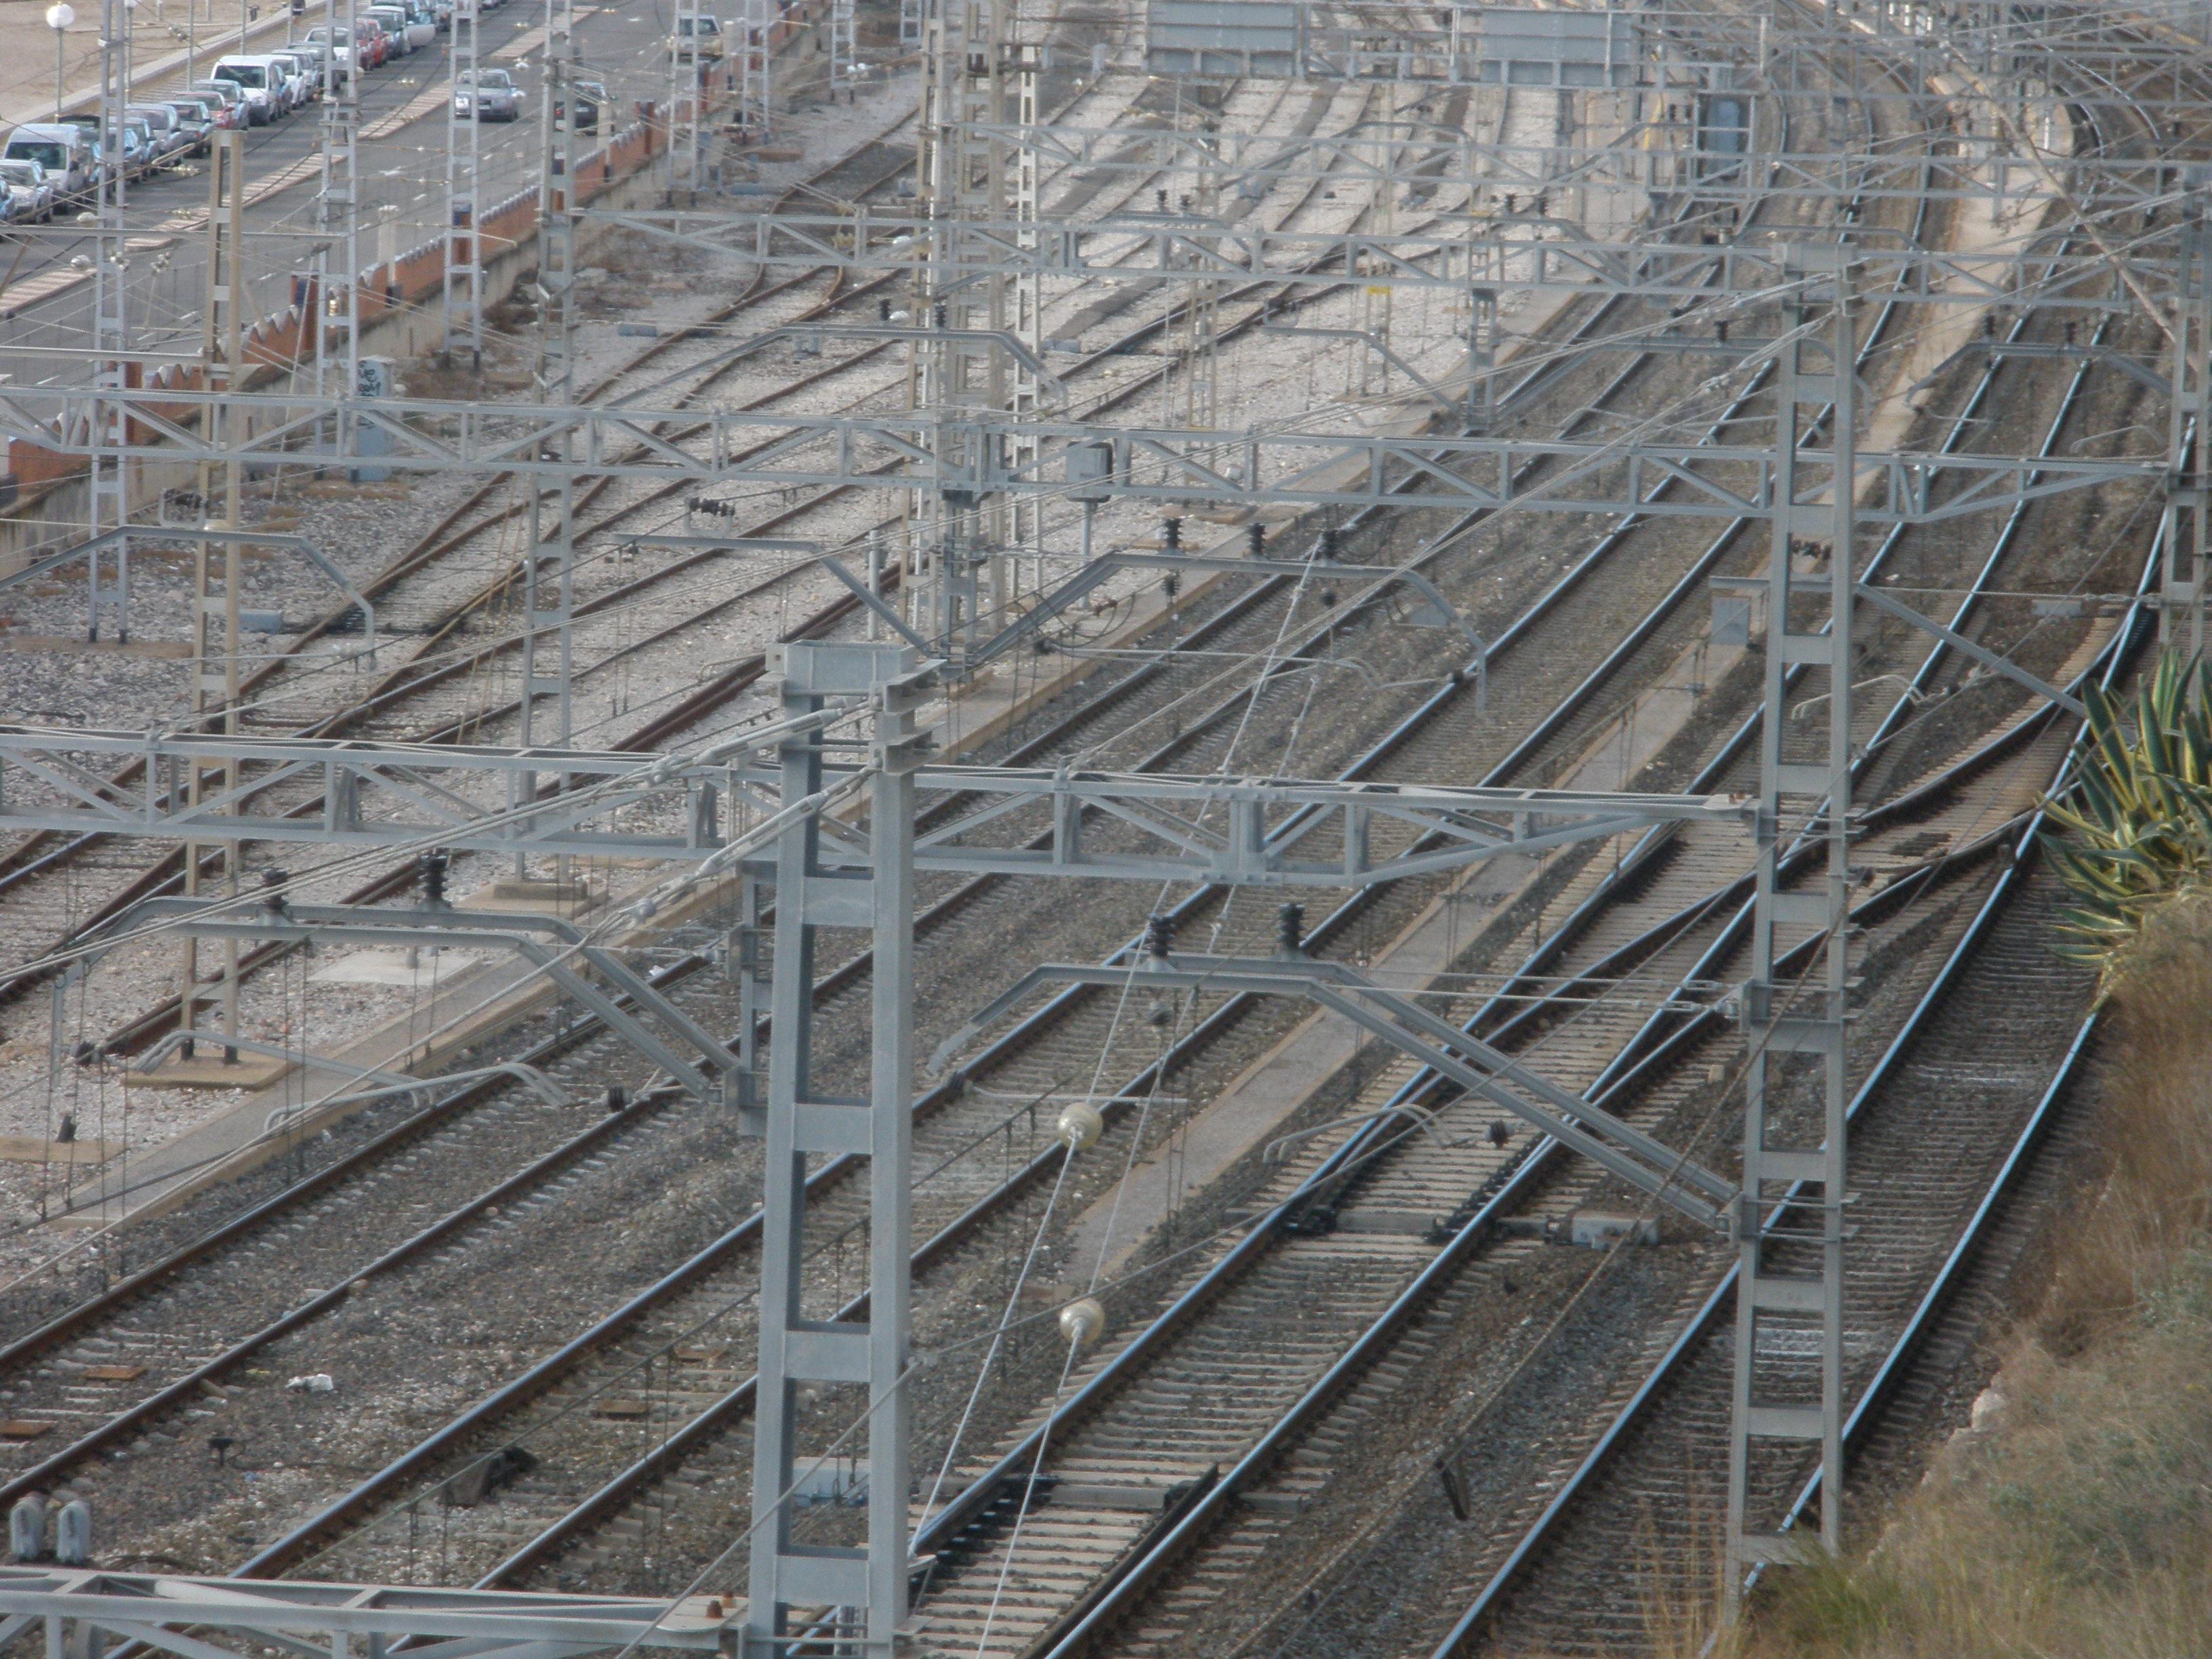 Un dels passos elevats que demana l'ajuntament aniria en aquest punt, al costat de l'estació actual d'ADIF